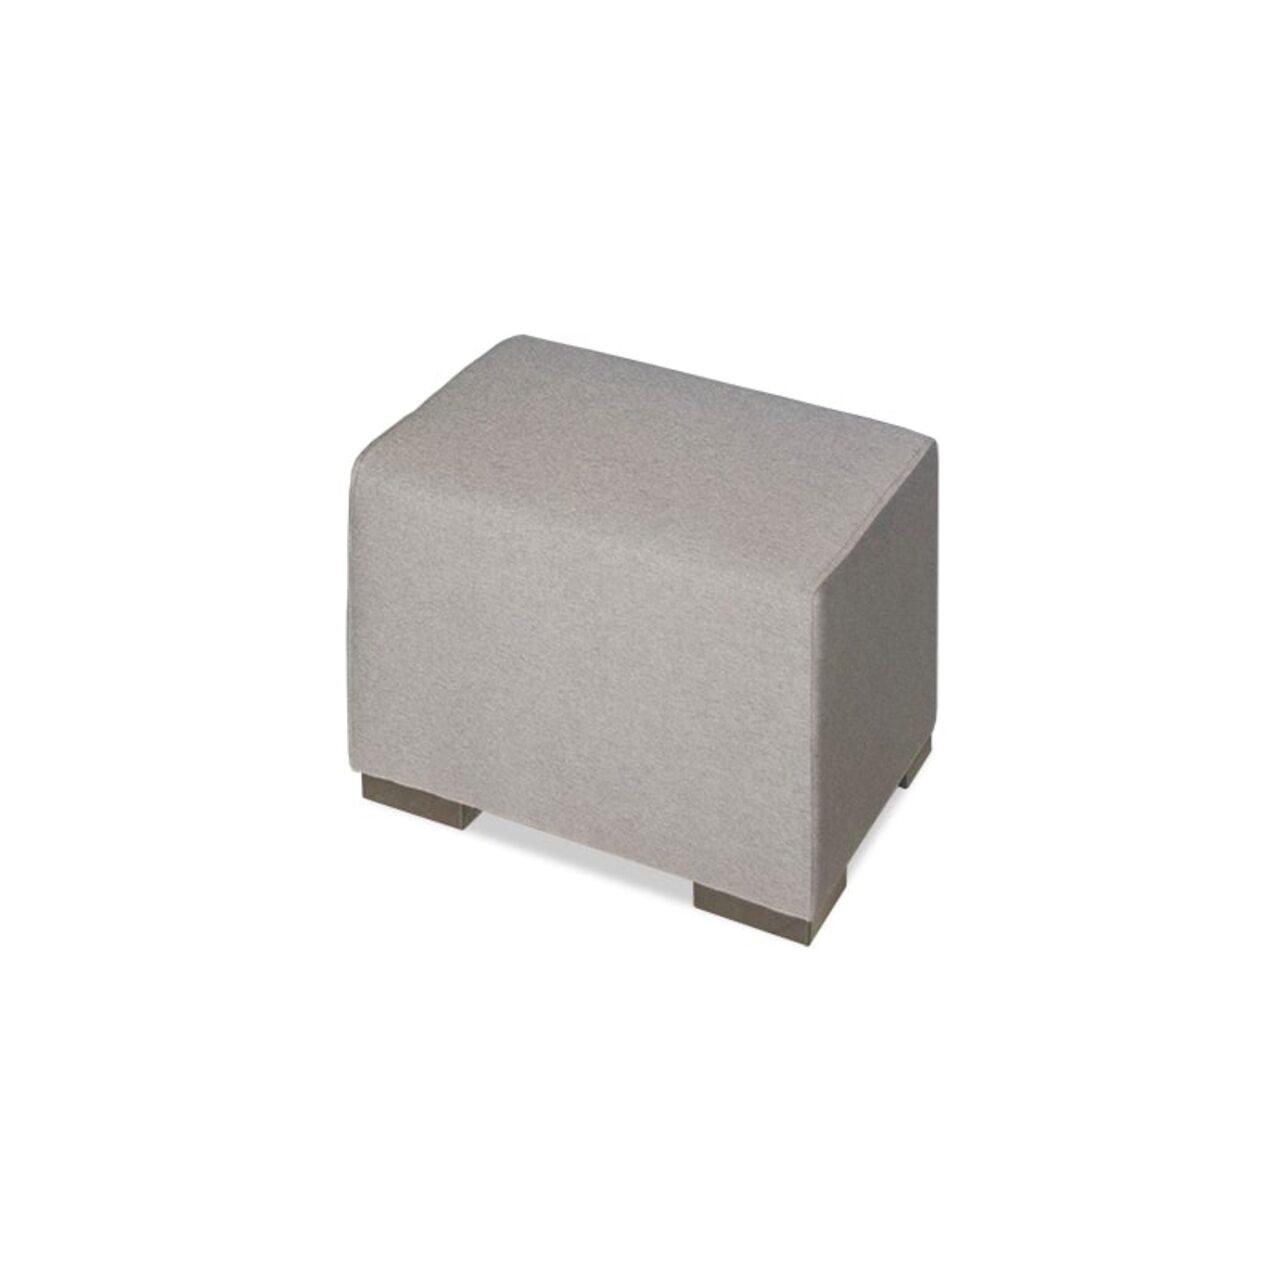 Мягкая офисная мебель Куб - фото 2